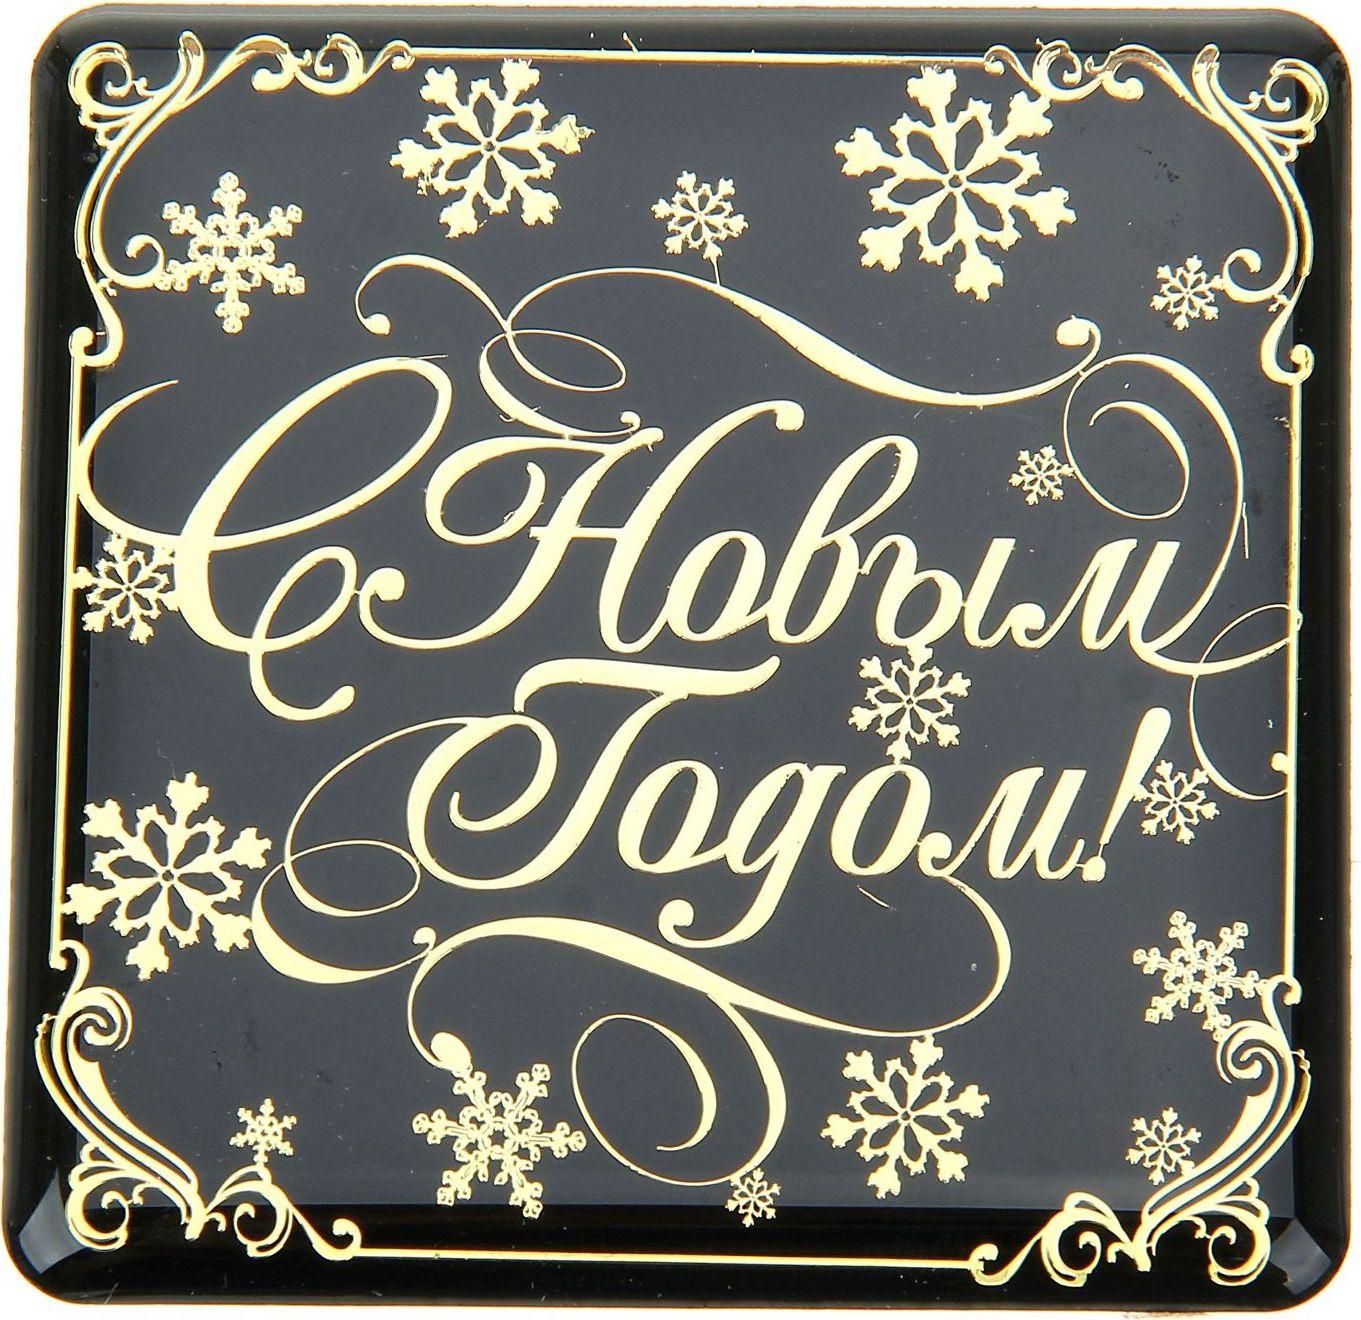 Магнит Sima-land С Новым Годом!, 6 х 6 см240512Порадуйте родных и близких оригинальным сувениром: преподнесите в подарок магнит. С ним даже самый серьёзный человек почувствует себя ребёнком, ожидающим чудо! Создайте праздничное настроение, и оно останется с вами на весь год.